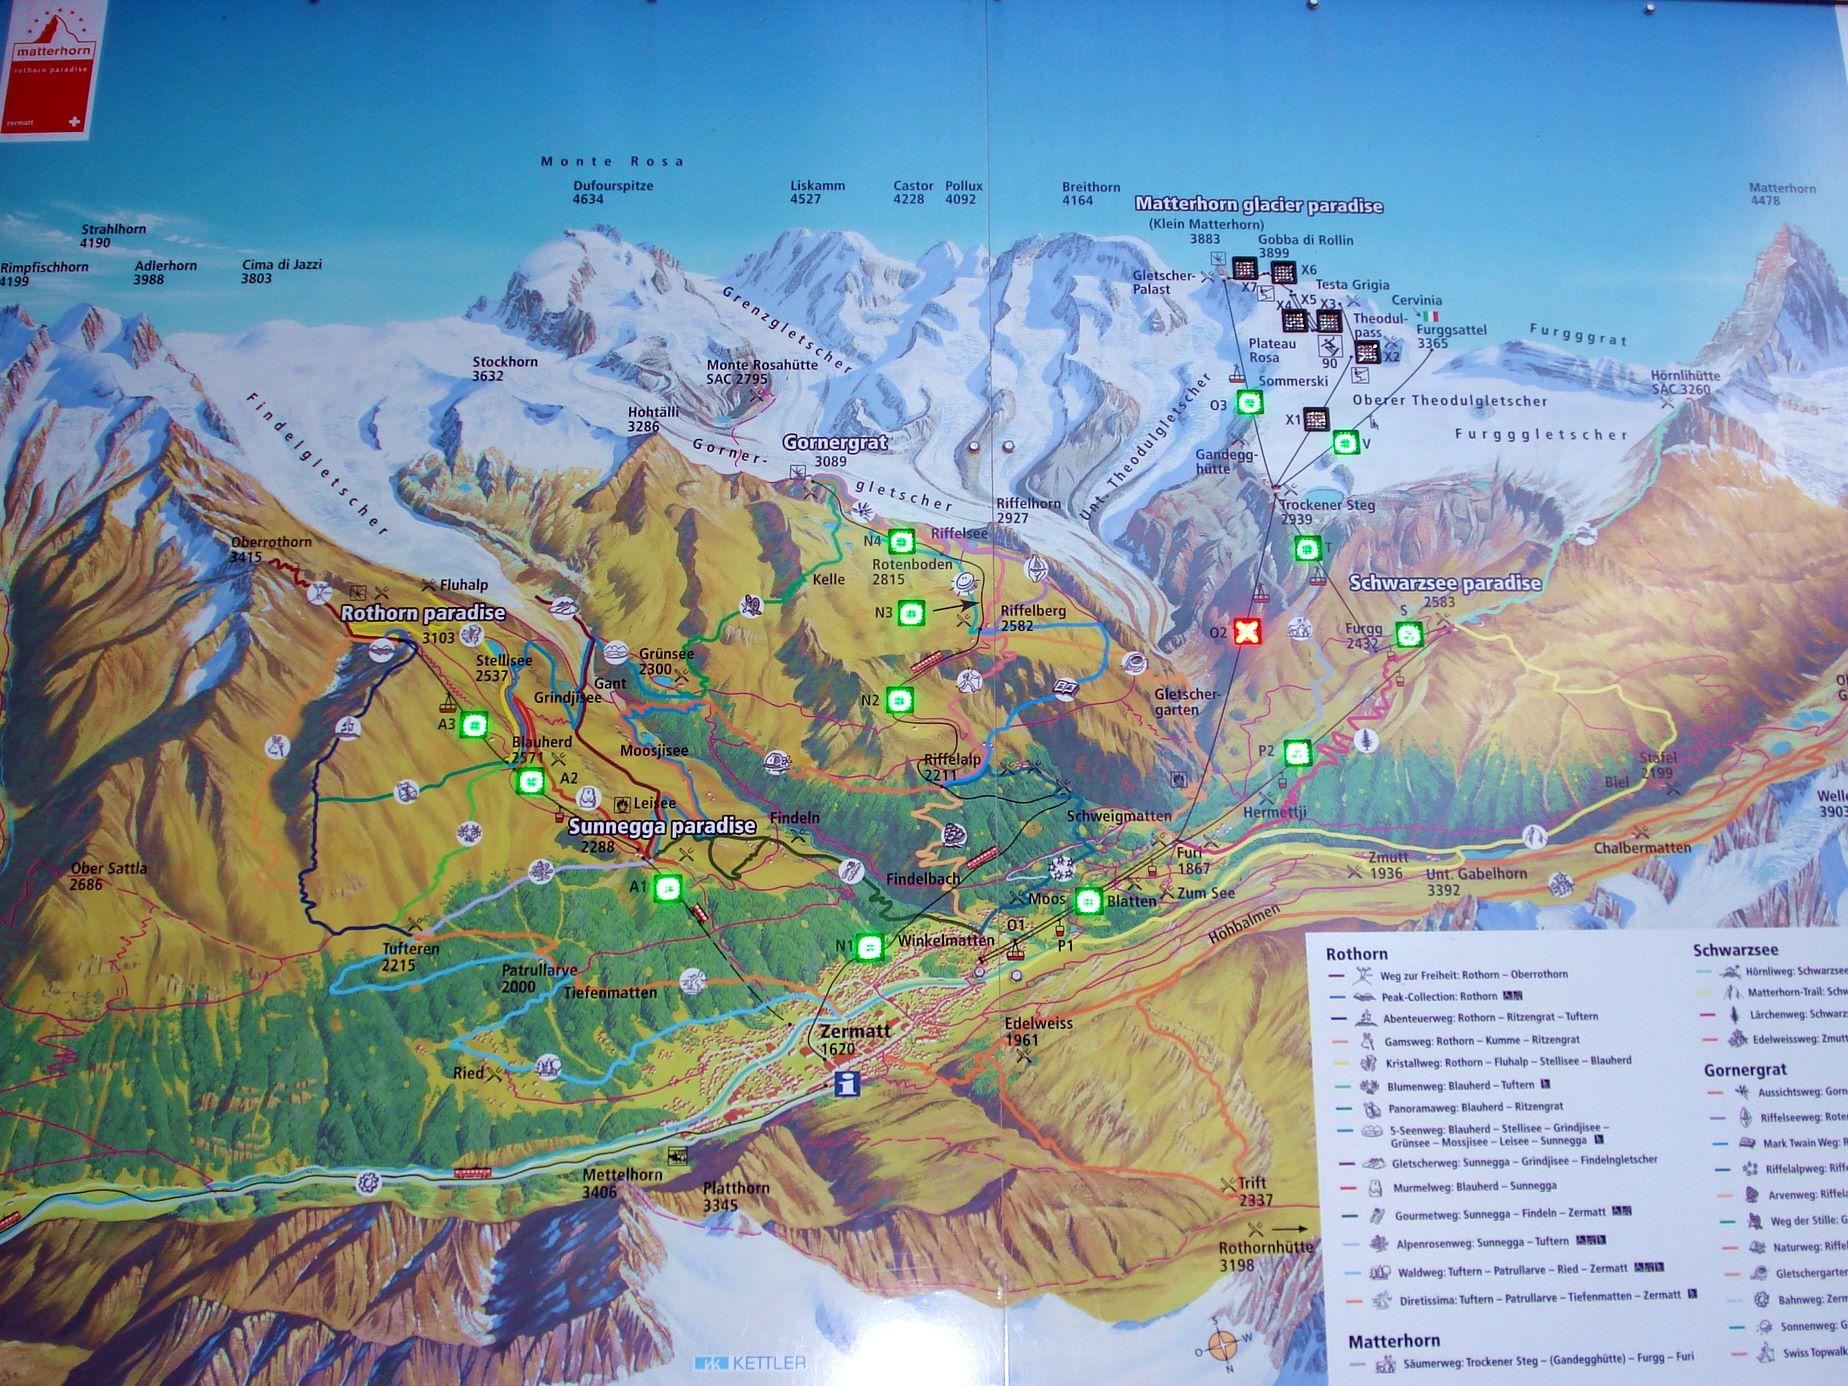 zermatt_suica_matterhorn_mapa